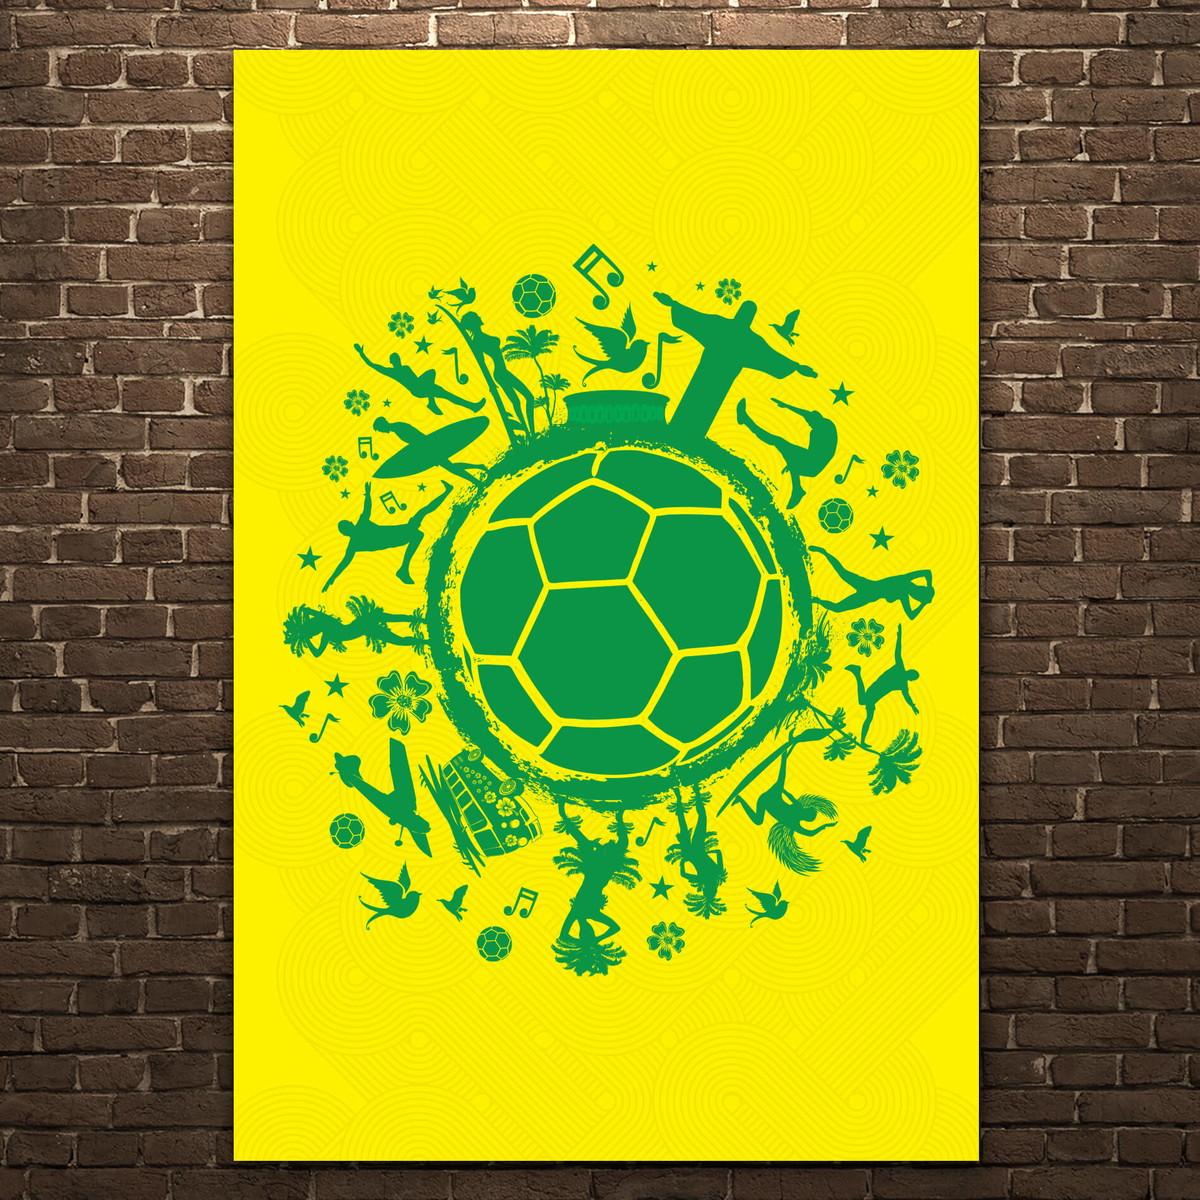 Placa Decorativa MDF País do Futebol Verde Amarela 30x40cm no Elo7 ... 4311811706501